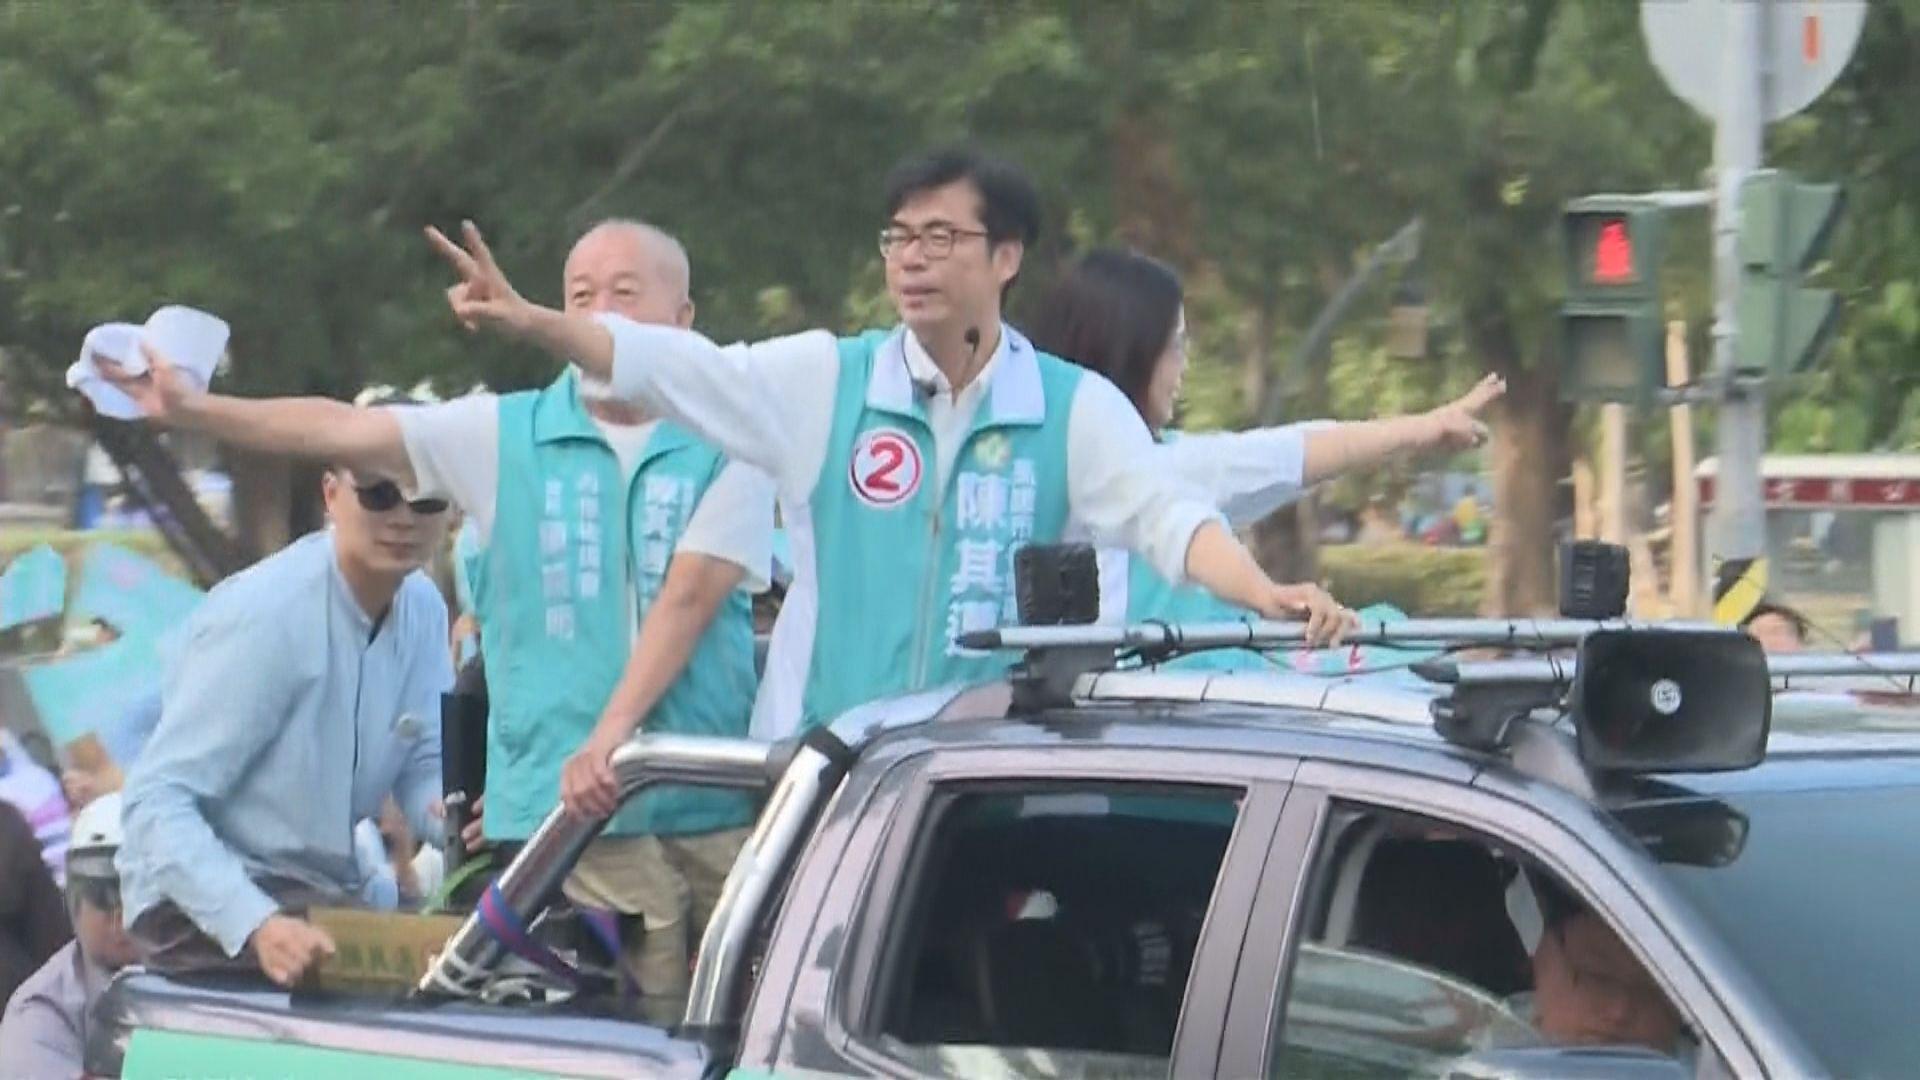 台灣高雄市長選舉 分析指陳其邁仍有機會勝出